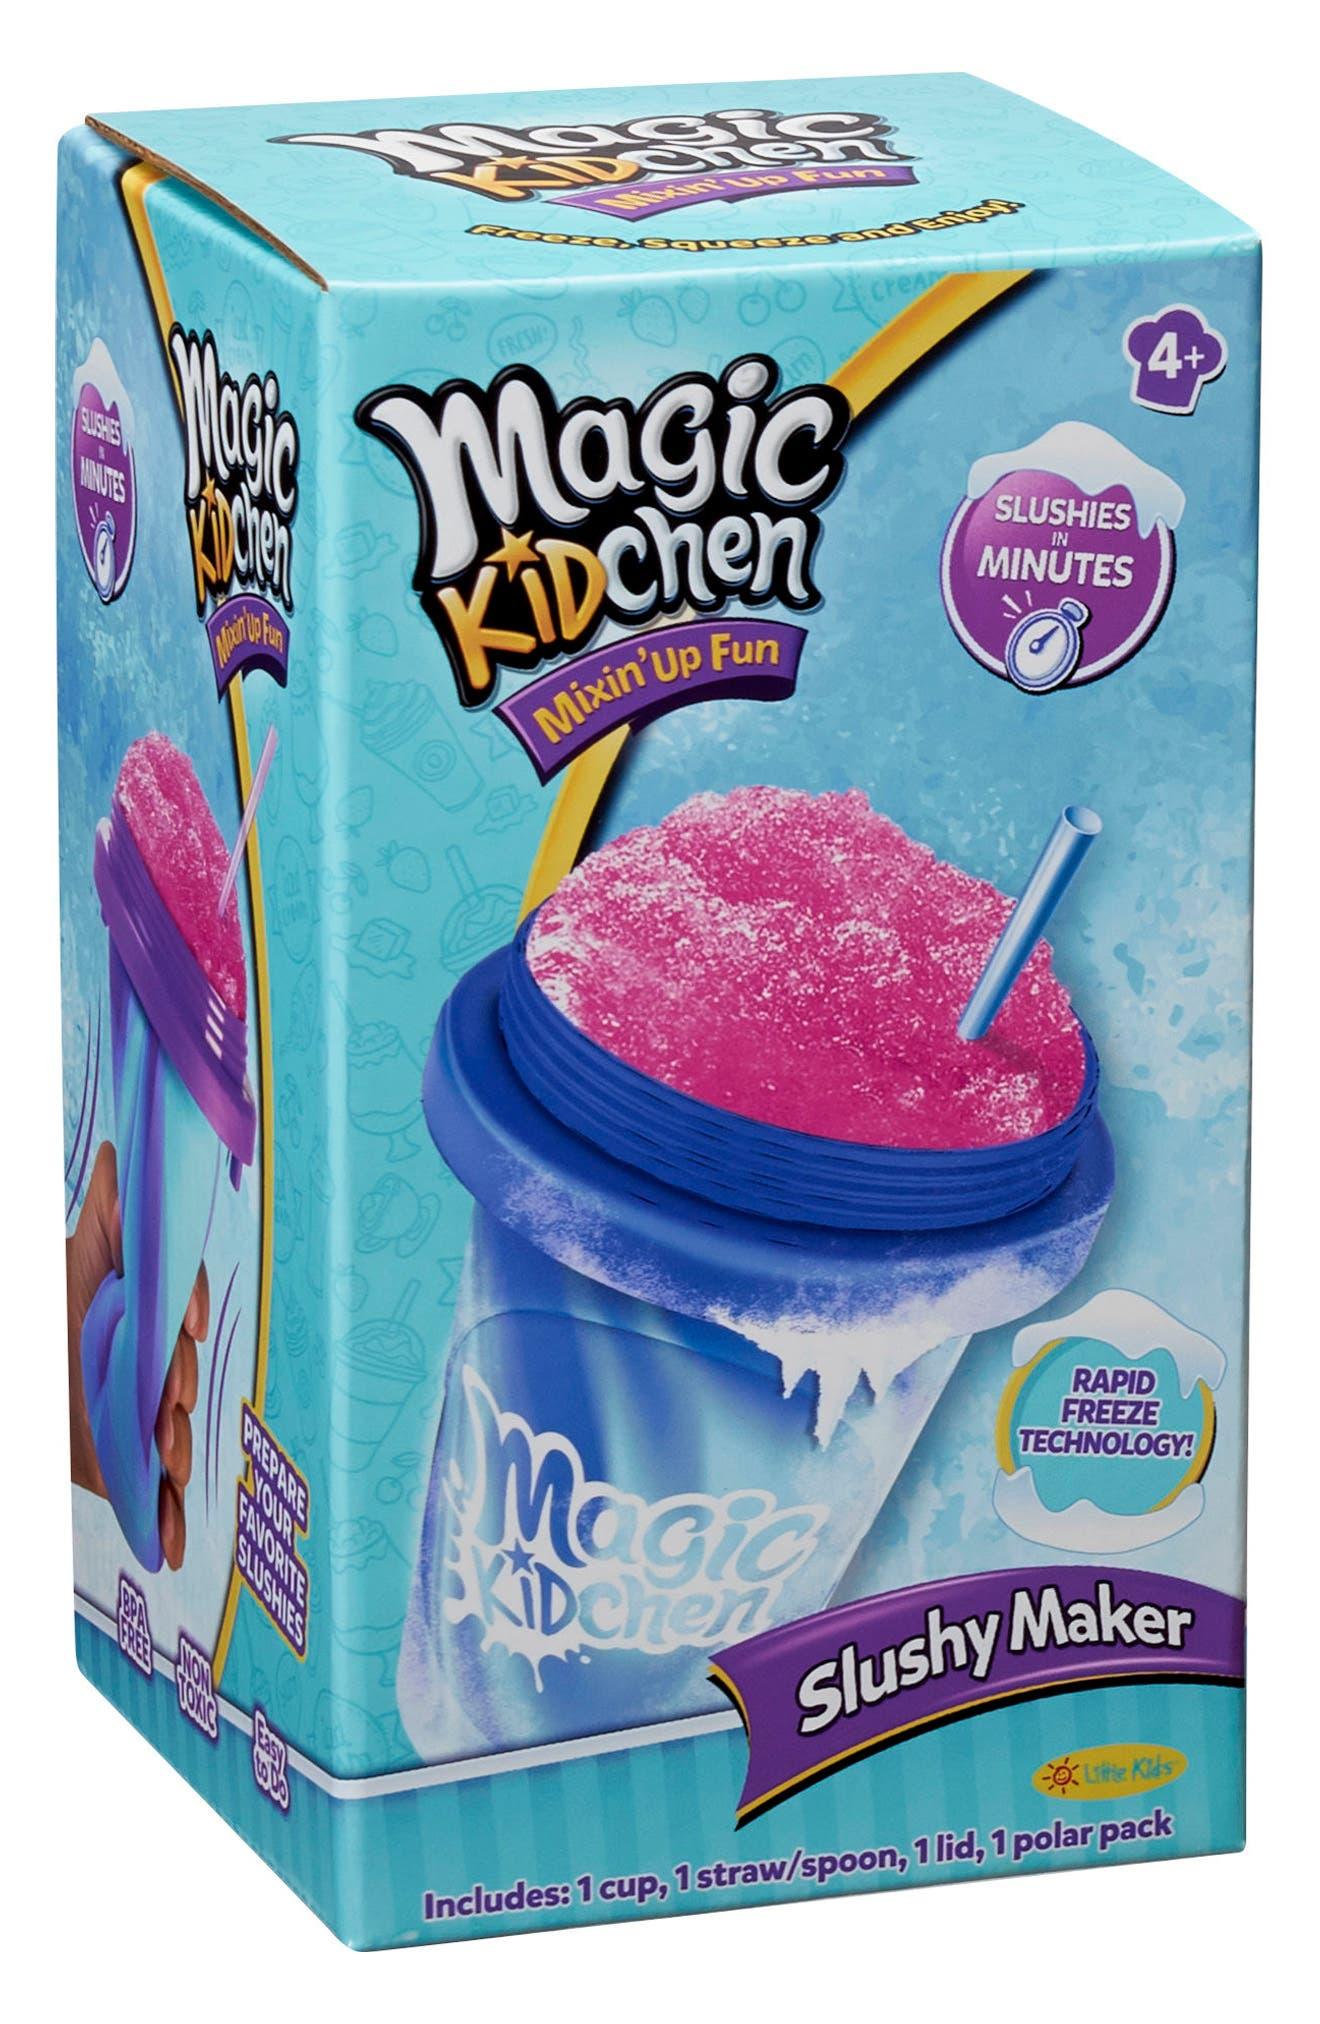 Magic Kidchen Slushy Maker,                         Main,                         color, 600